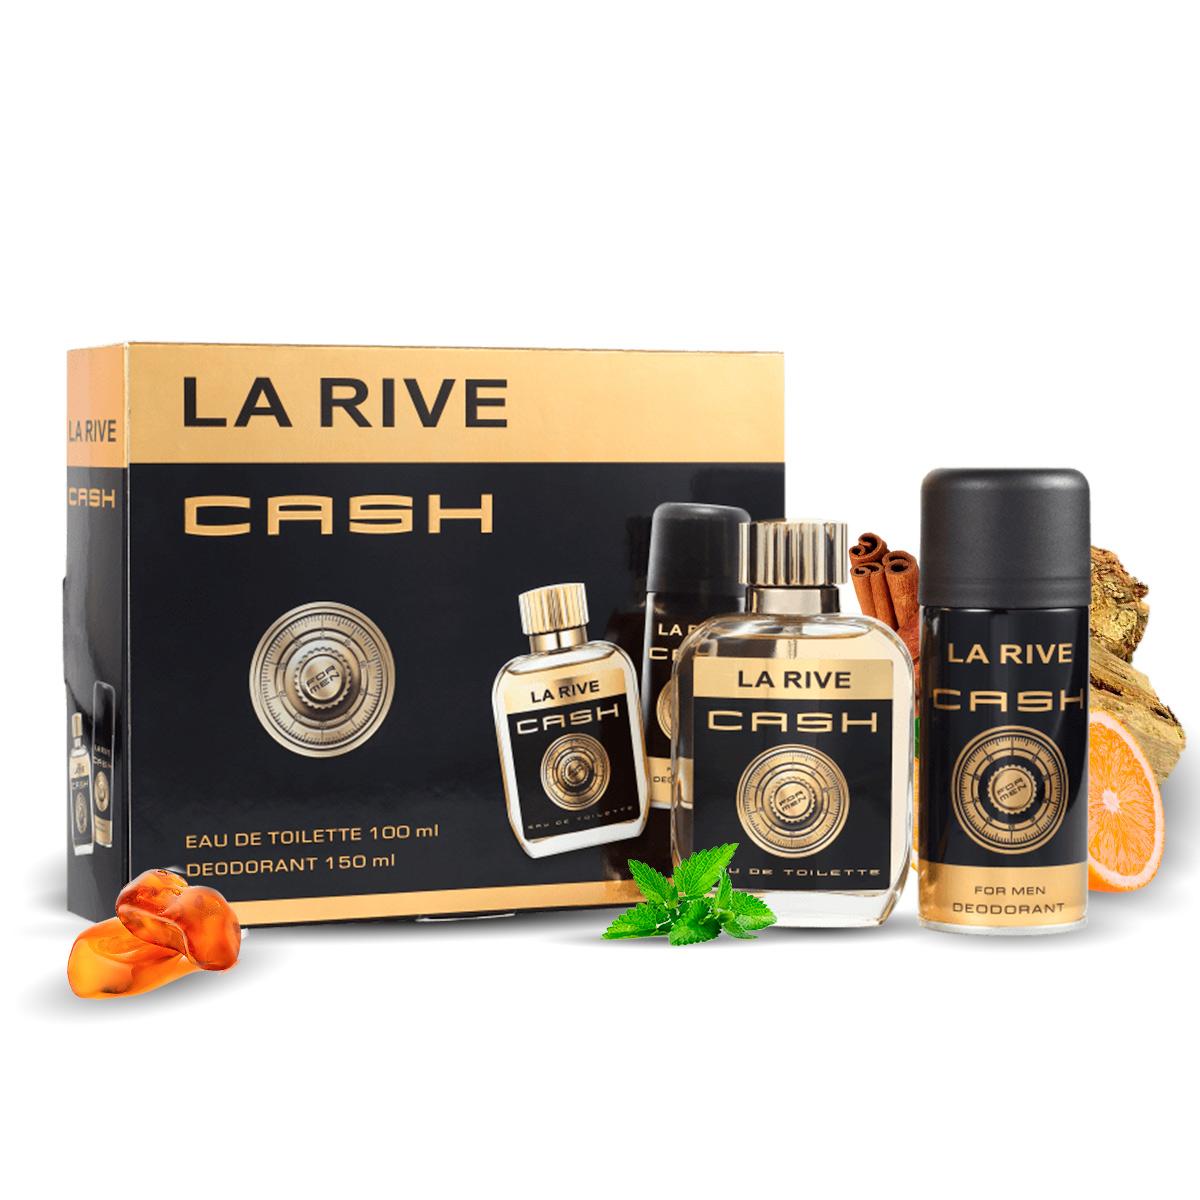 Kit Cash M 100ml + Desodorante 150ml La Rive